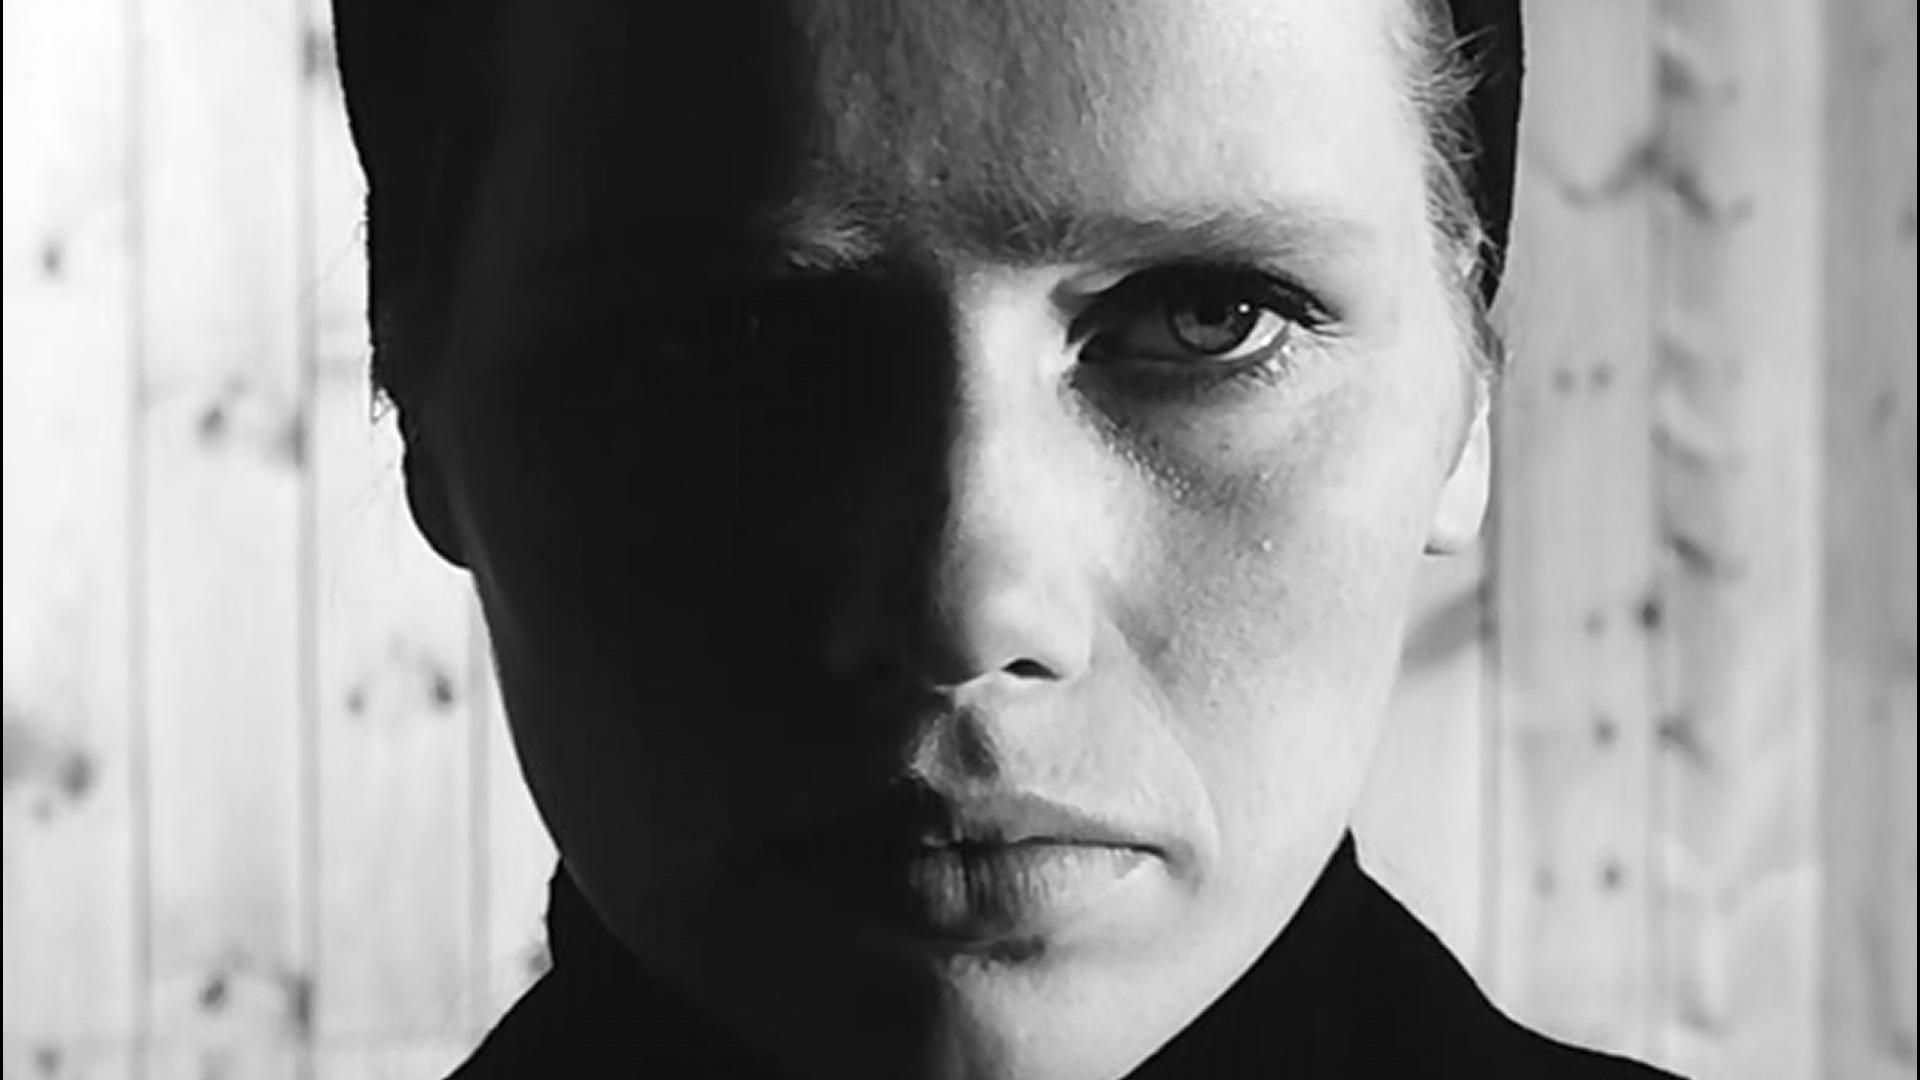 1.27: Egy hosszú közeli beállítás Ingmar Bergman <em>Persona</em> (1966) című filmjéből.